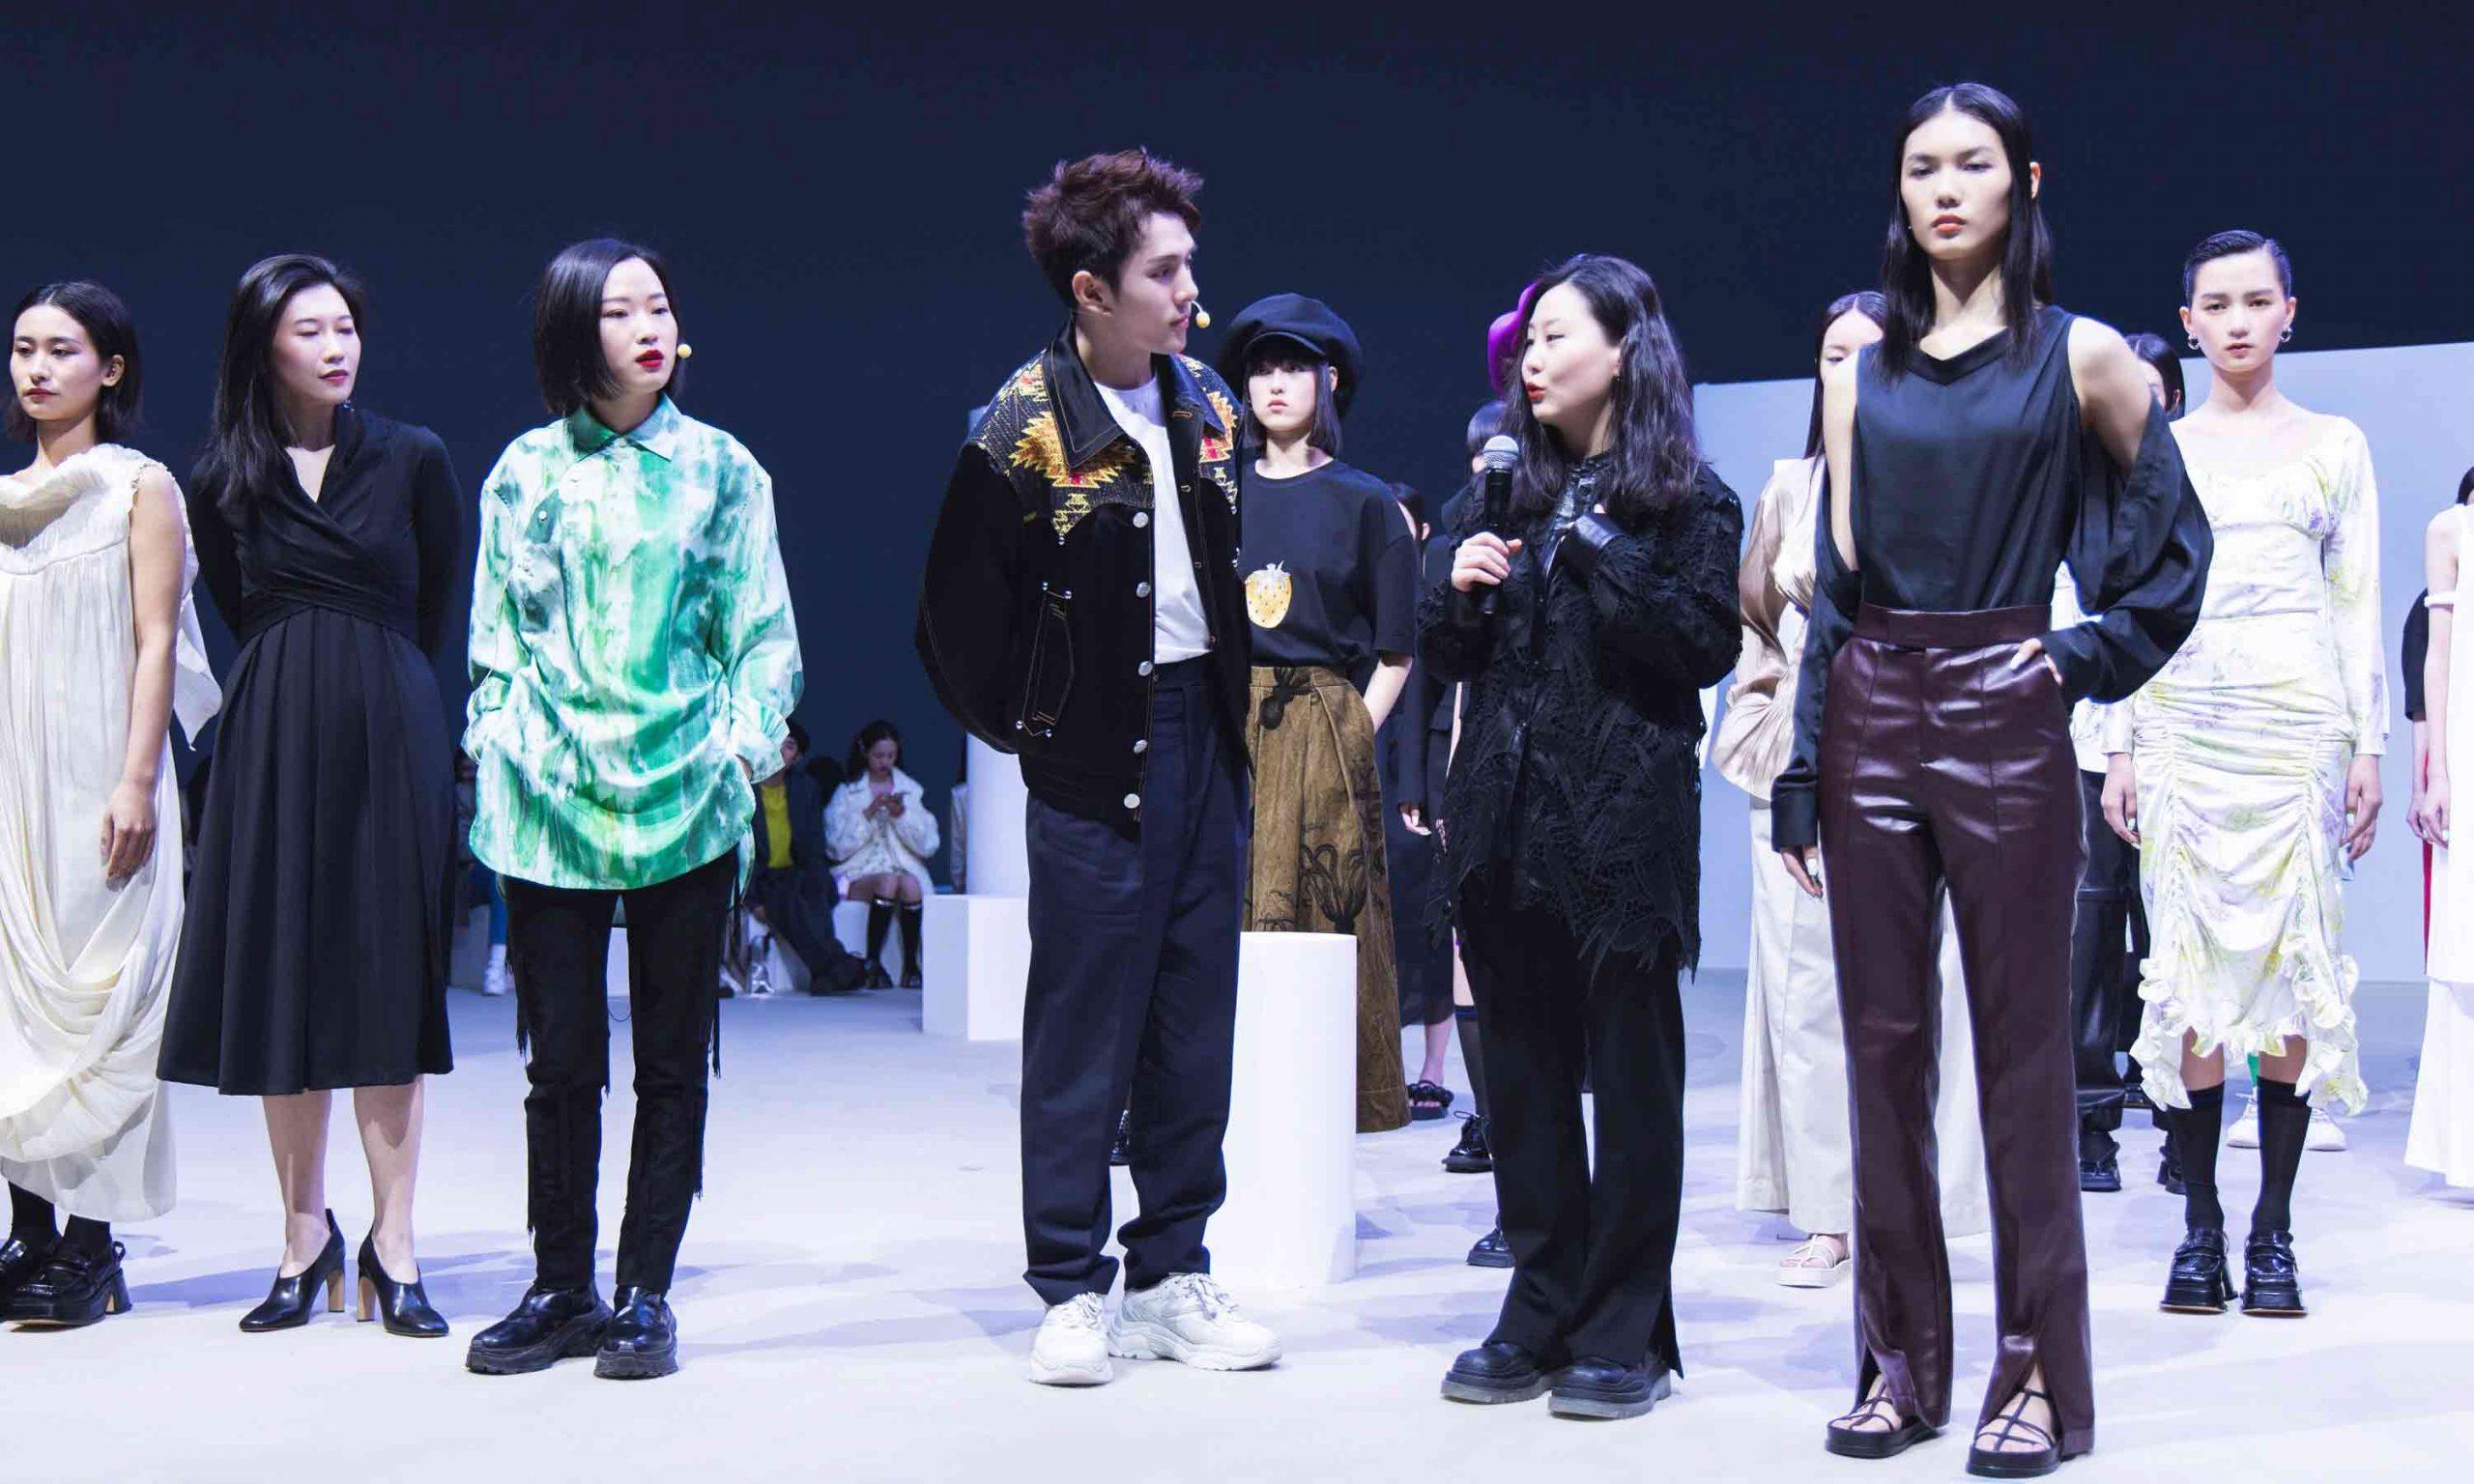 将李佳琦直播间「搬入秀场」,LABELHOOD 蕾虎赋能中国时装品牌